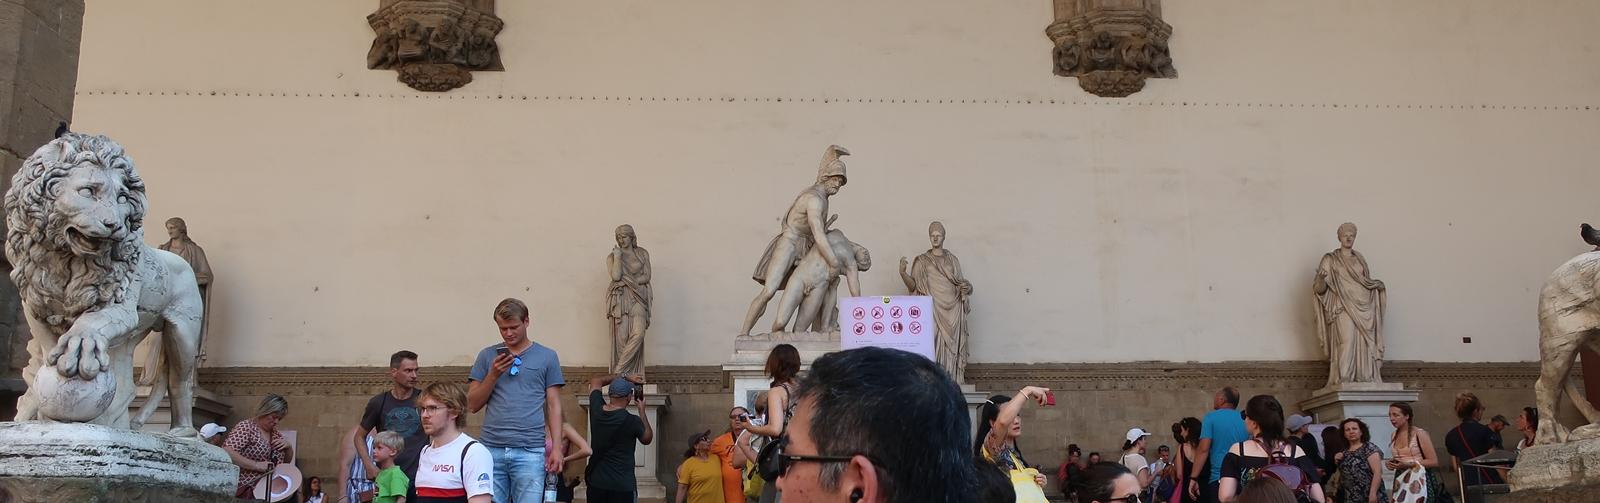 IMG_1602s(Uffizi_Lanzi).jpg